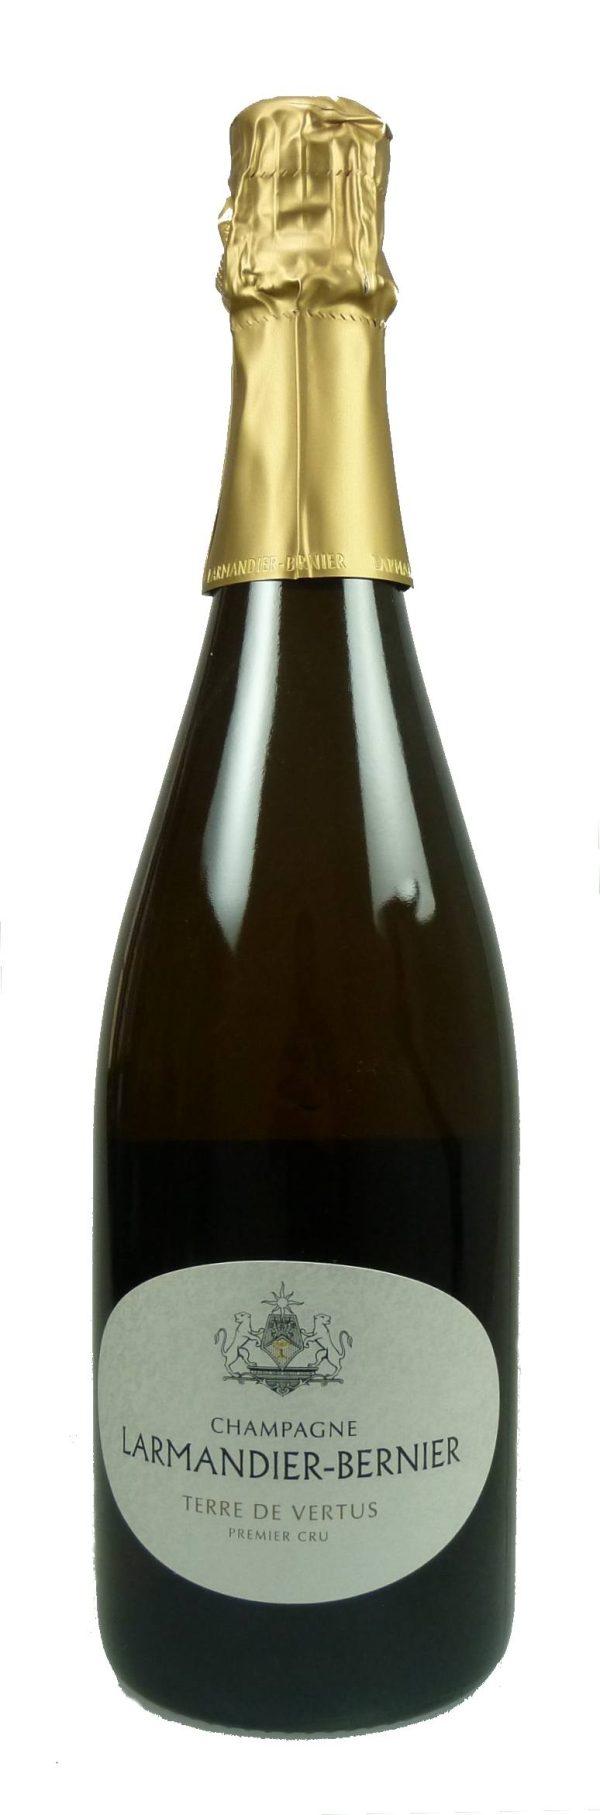 Terre de Vertus Champagne Blanc de Blancs Non Dosé Premier Cru 2010